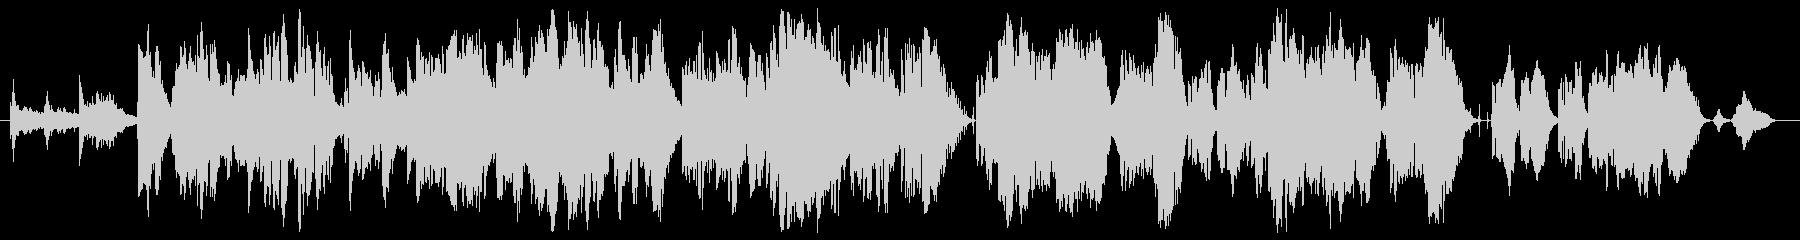 ファンタスティックなオーケストラポップスの未再生の波形